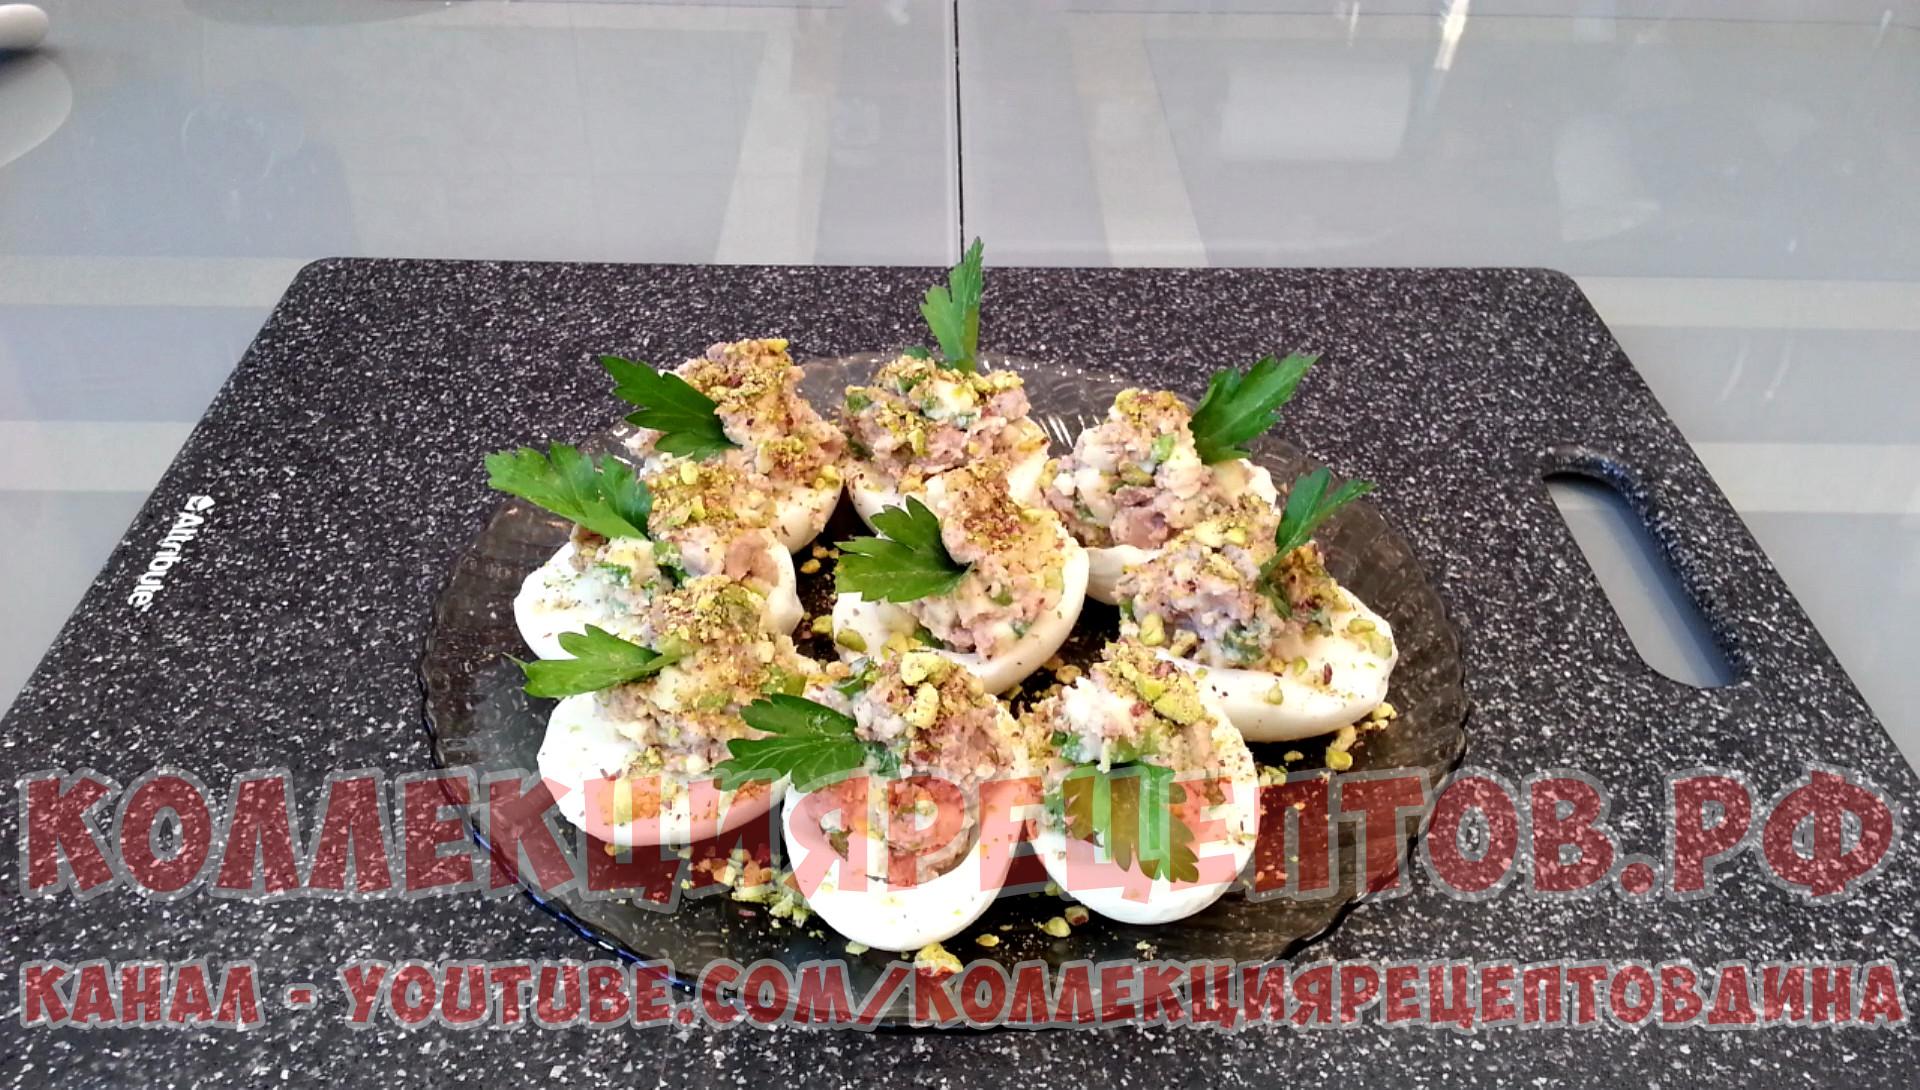 Нафаршированные яйца посыпаем сверху измельченными фисташками и украшаем листочками петрушки